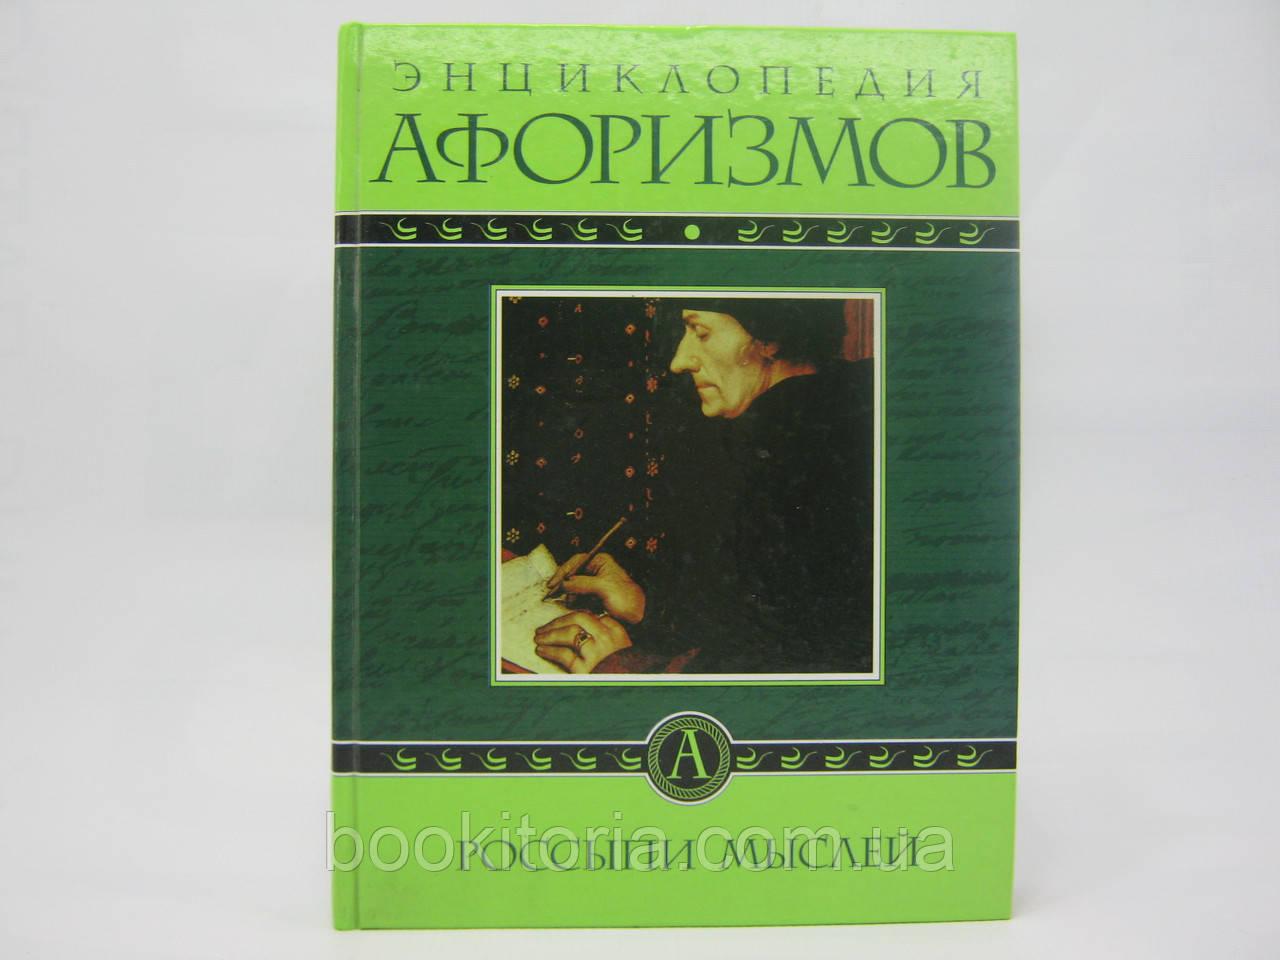 Борохов Э. Энциклопедия афоризмов. Россыпи мыслей (б/у).